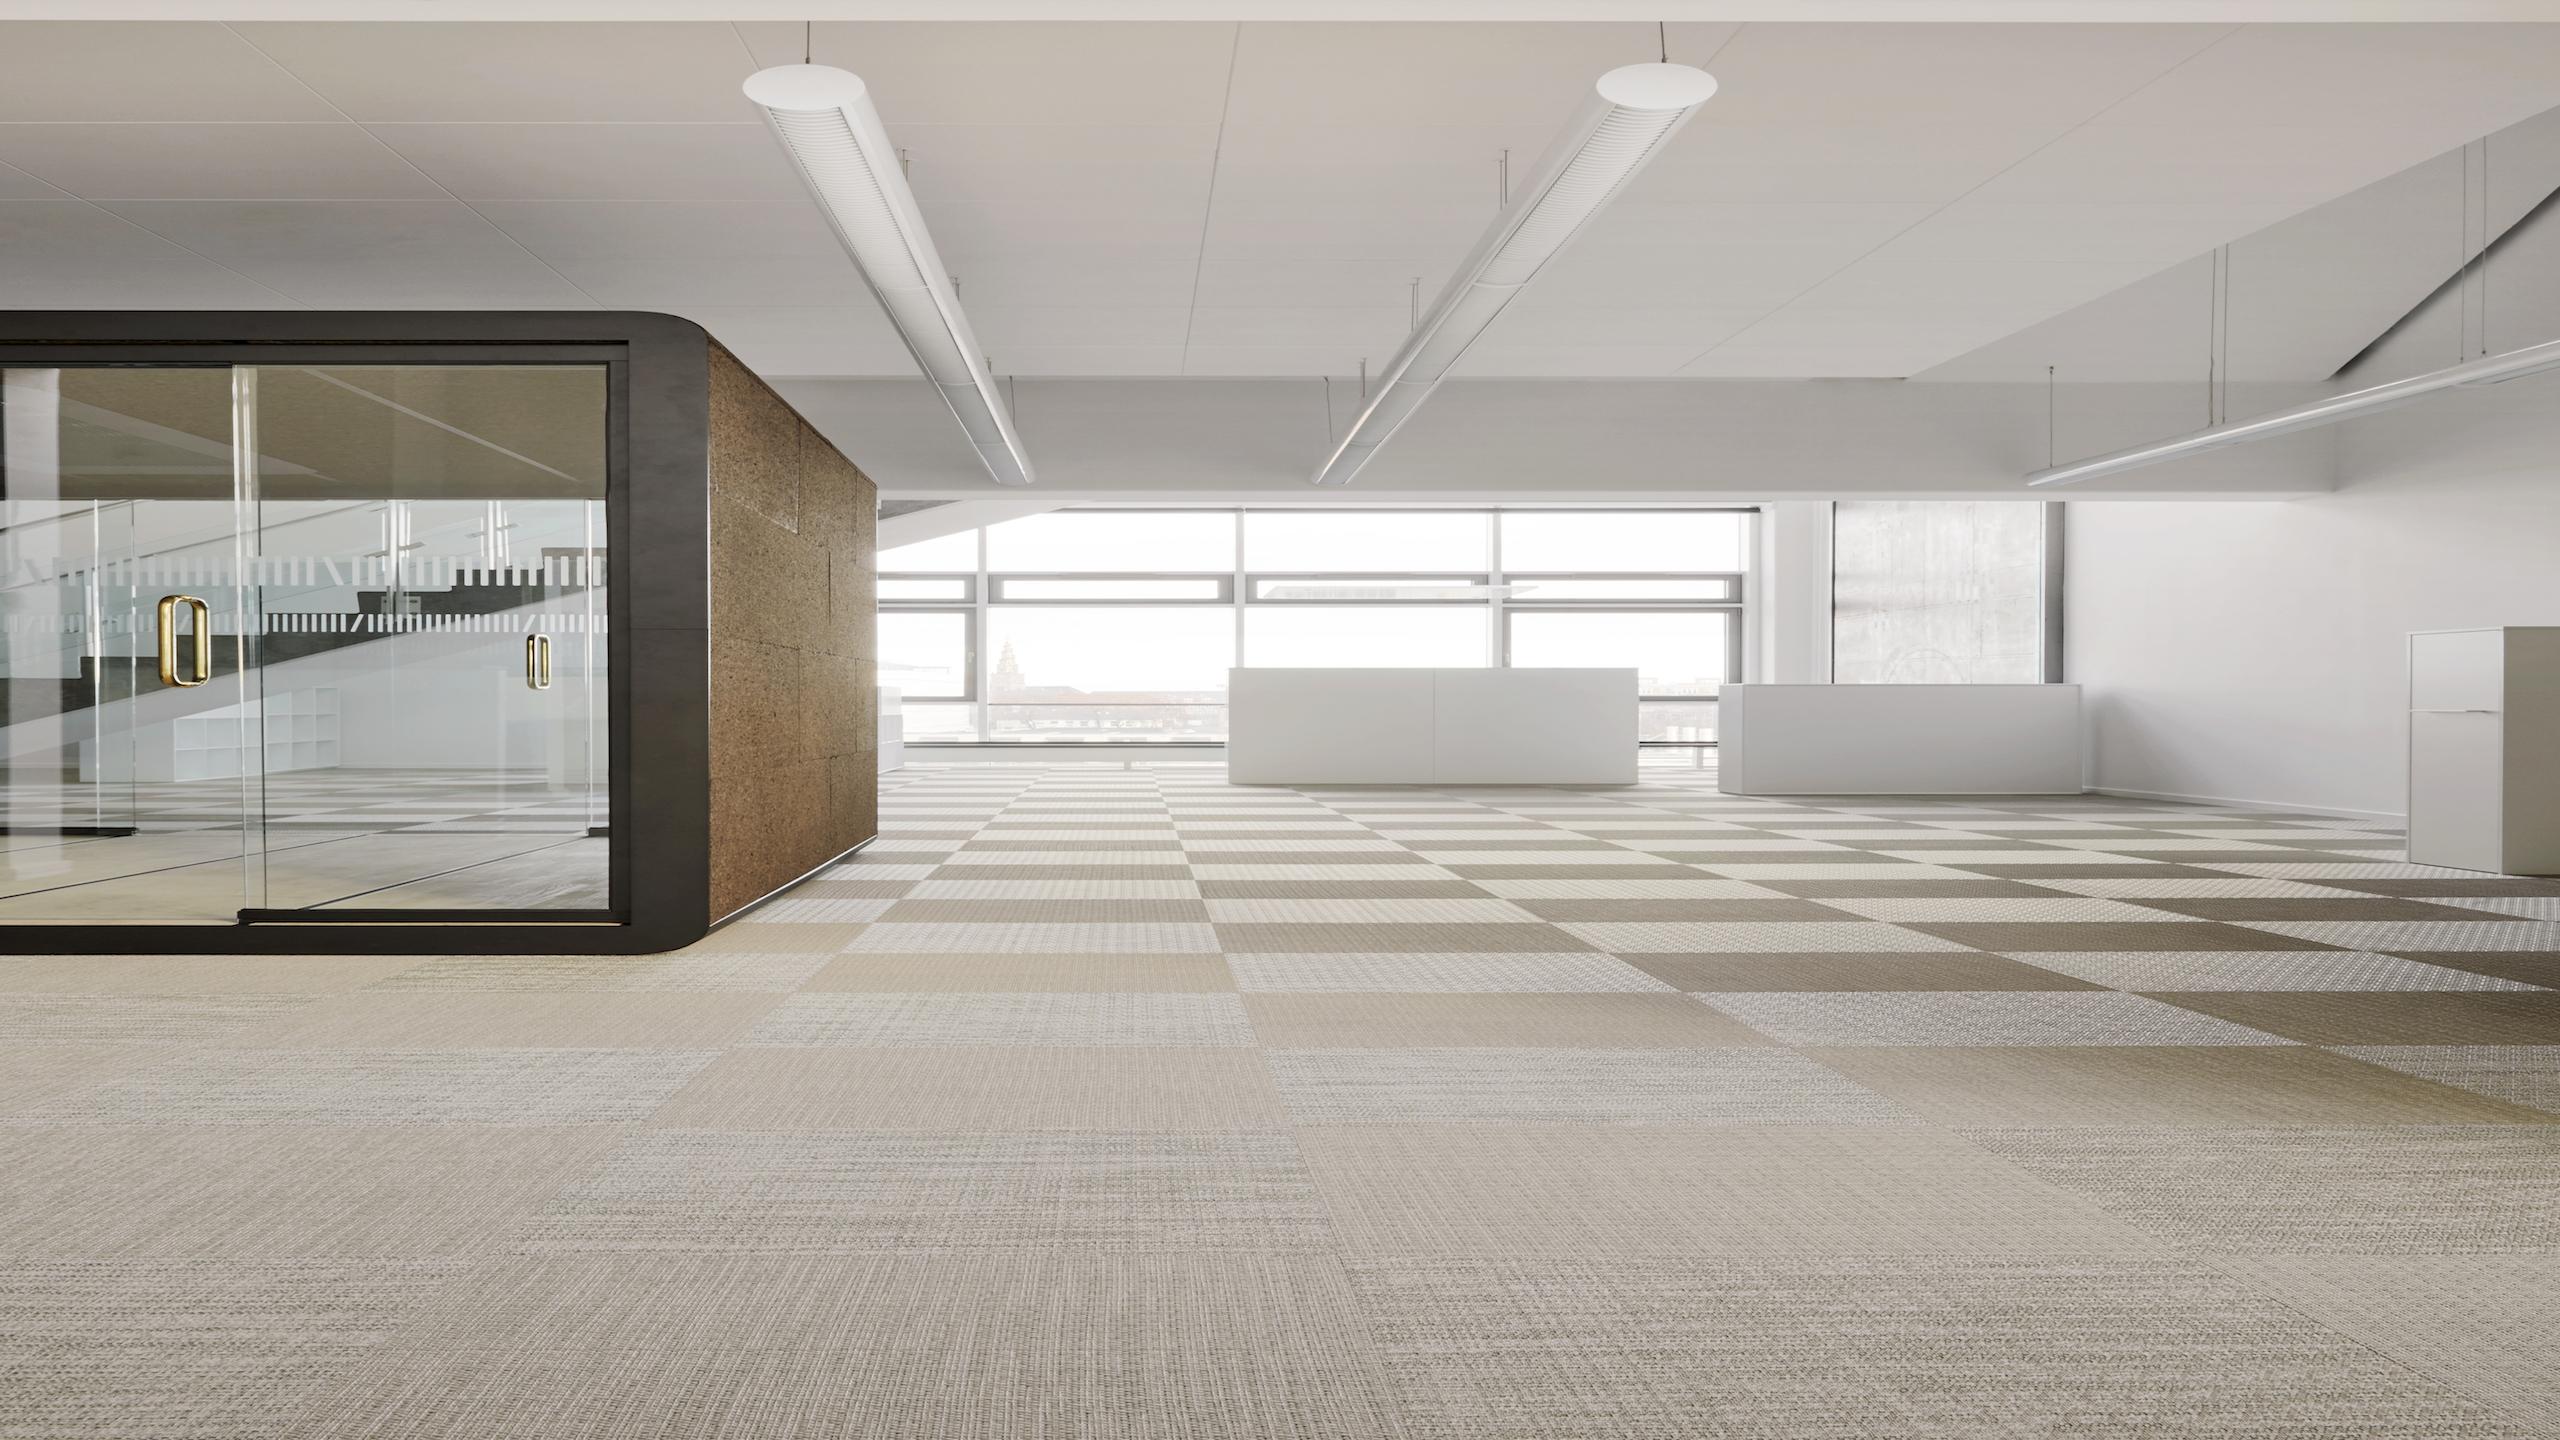 Bolon_Flooring_CopenhagenUniversity2_DK-2